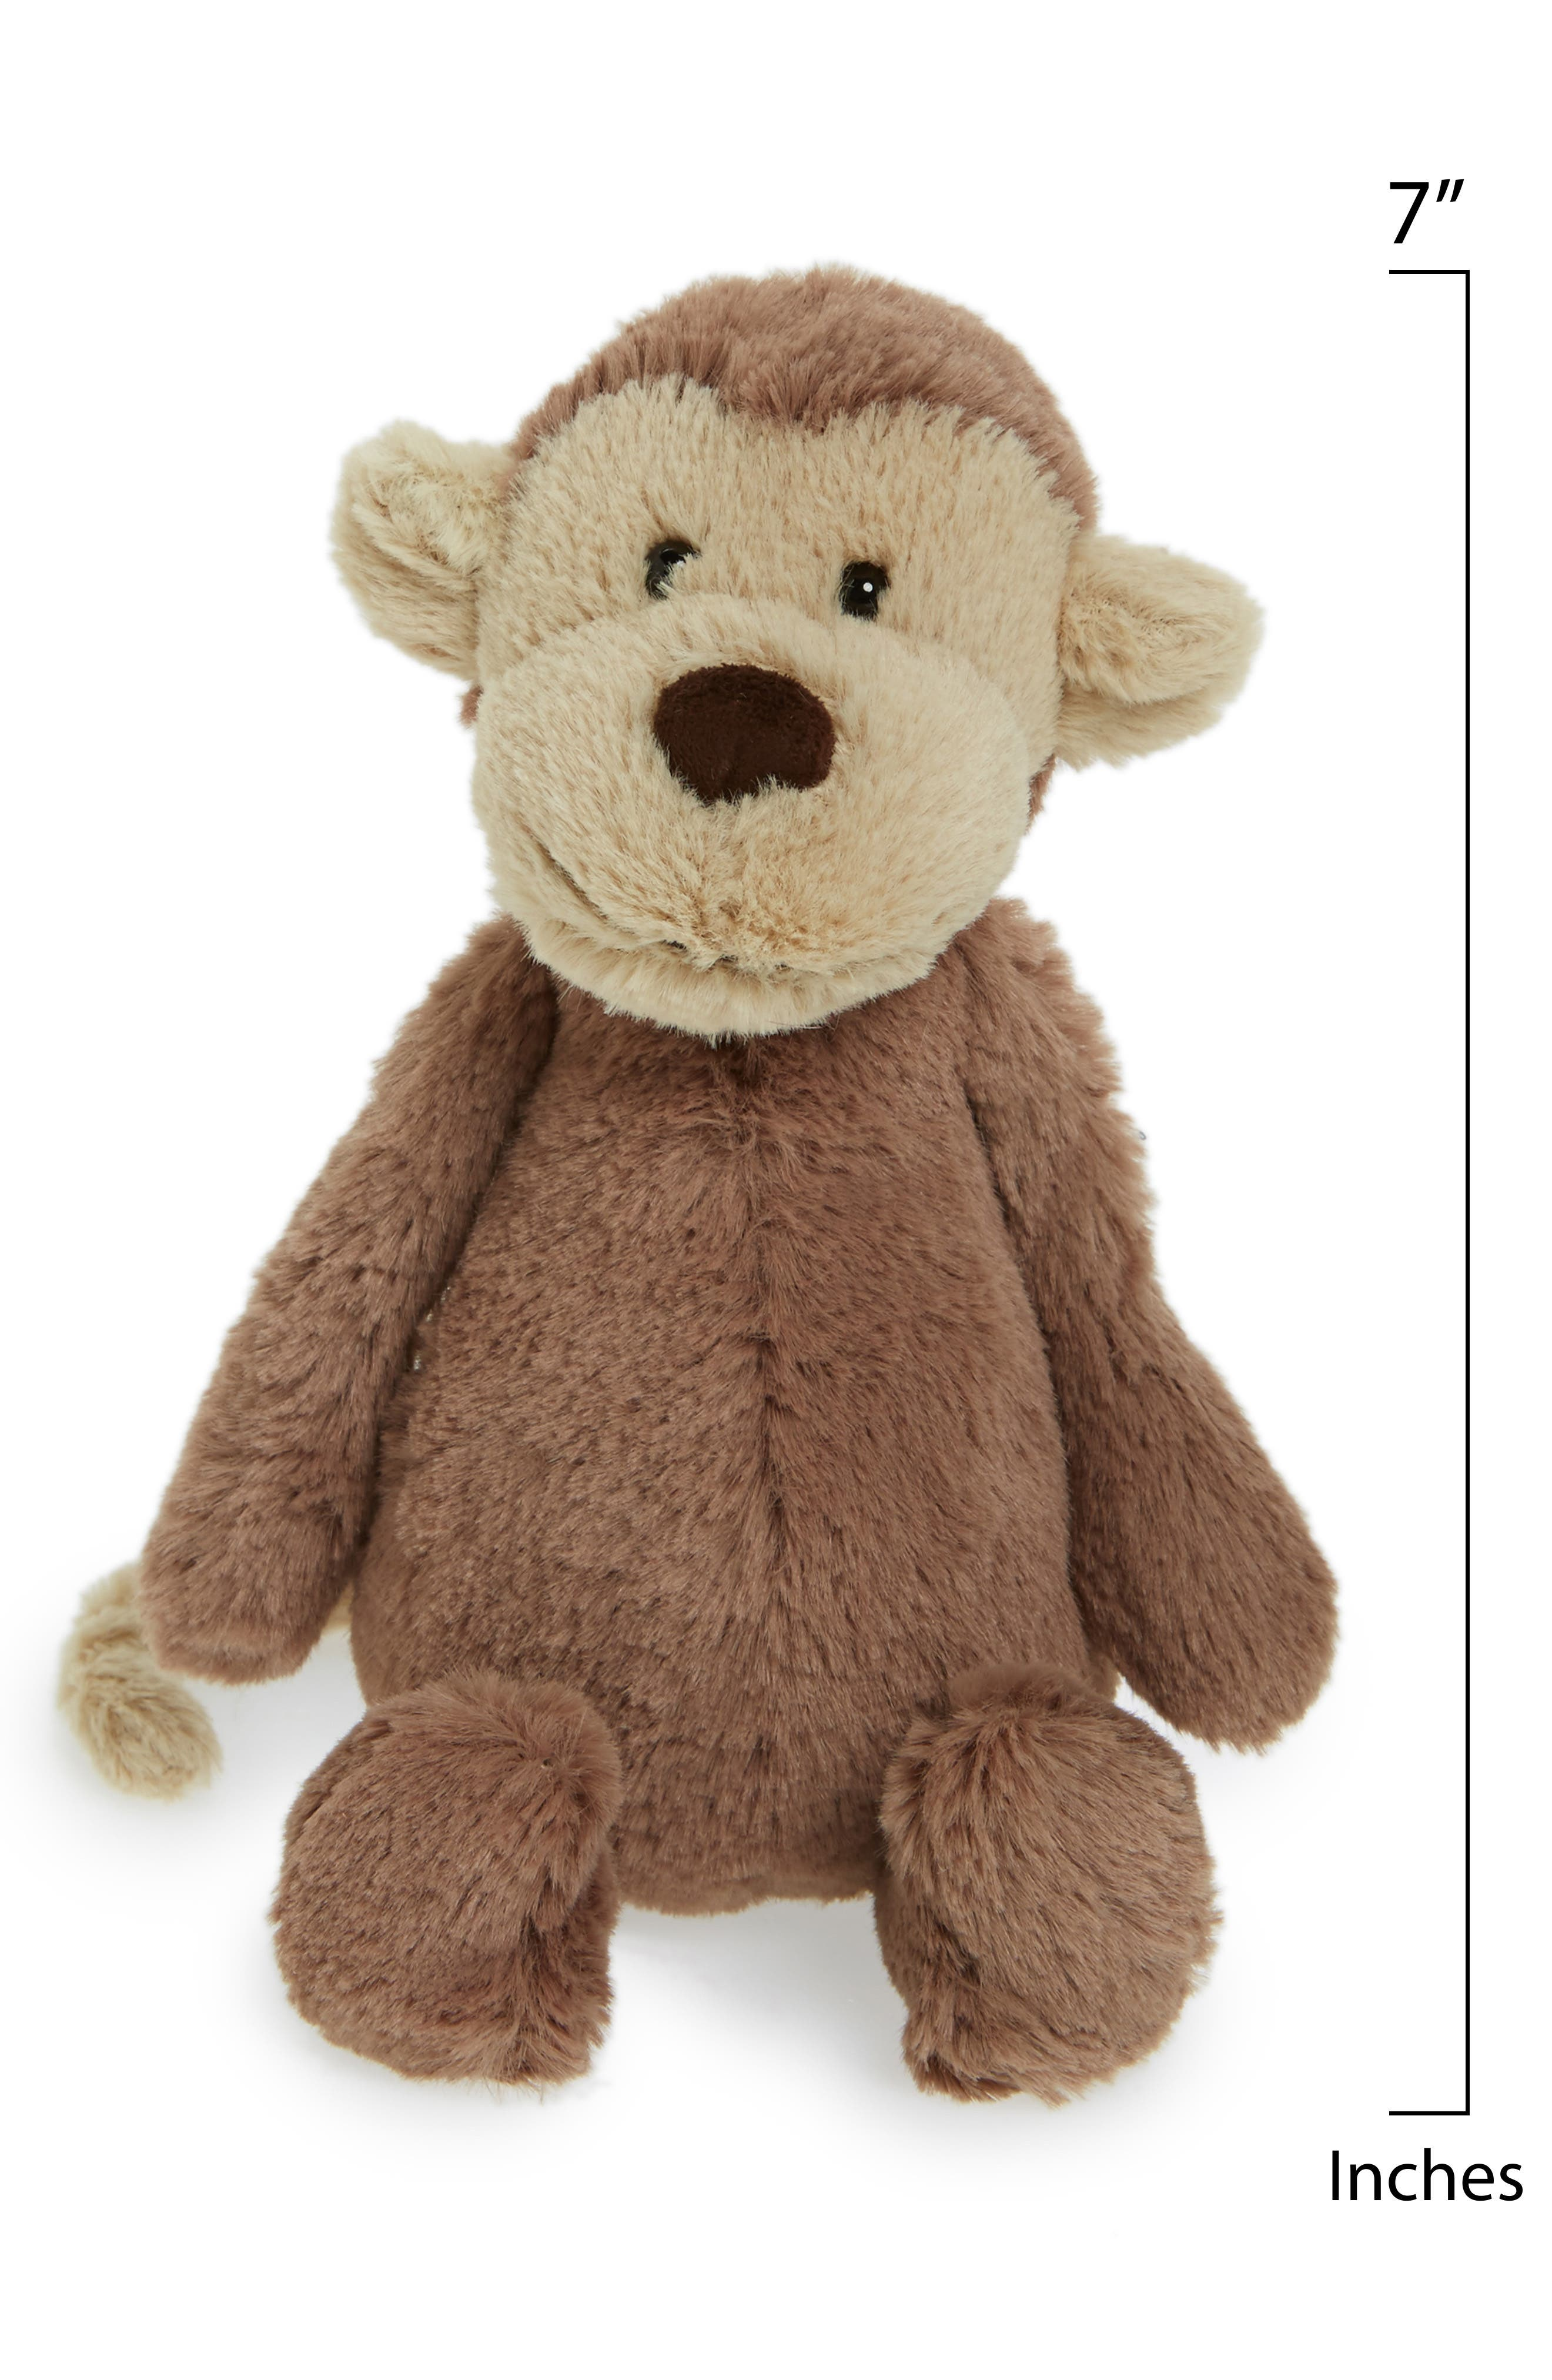 'Small Bashful Monkey' Stuffed Animal,                             Alternate thumbnail 2, color,                             200